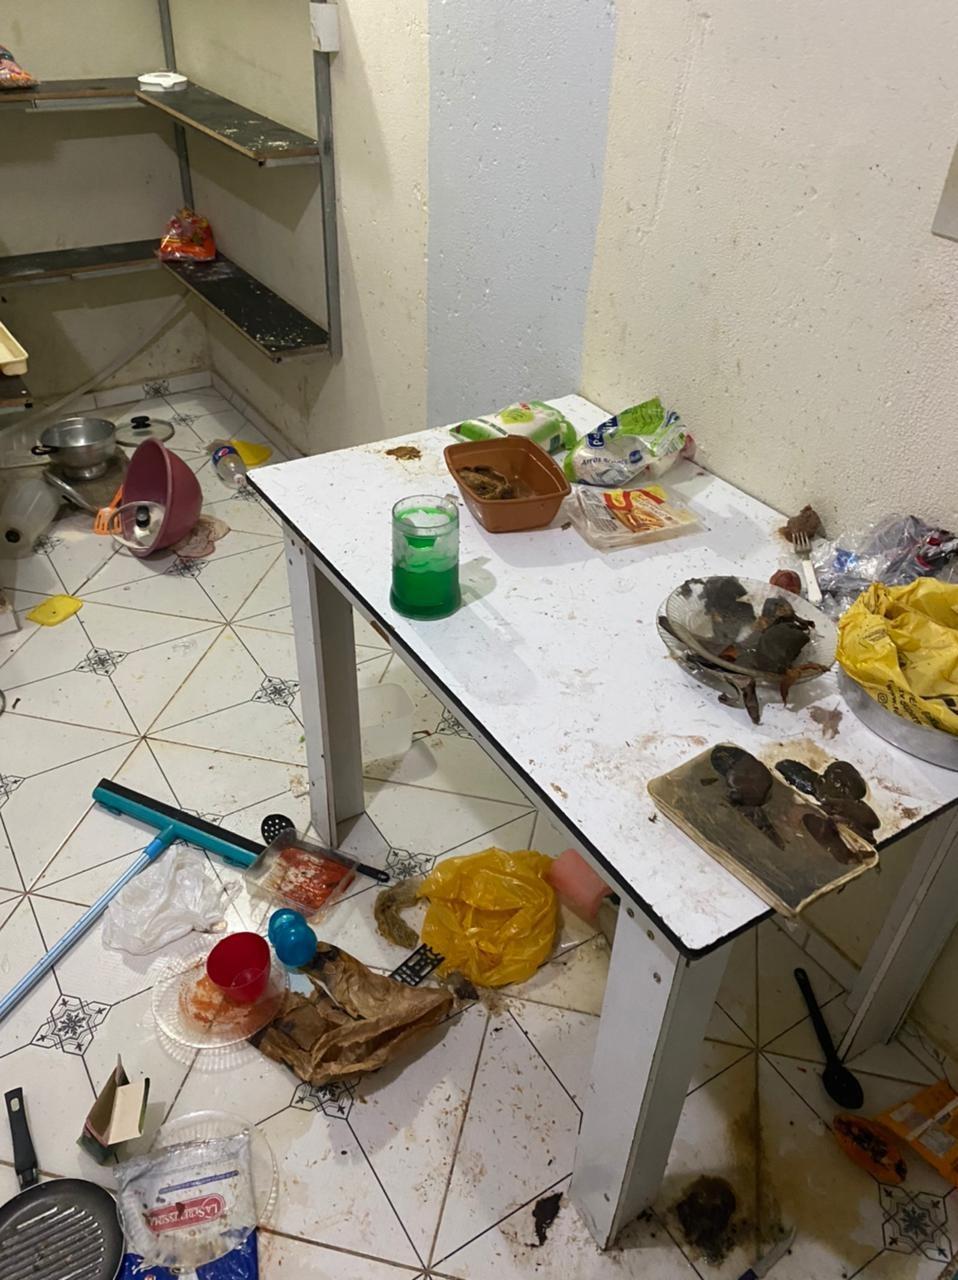 Crianças abandonadas em casa são resgatadas em meio a sujeira e alimentos podres em Arapiraca